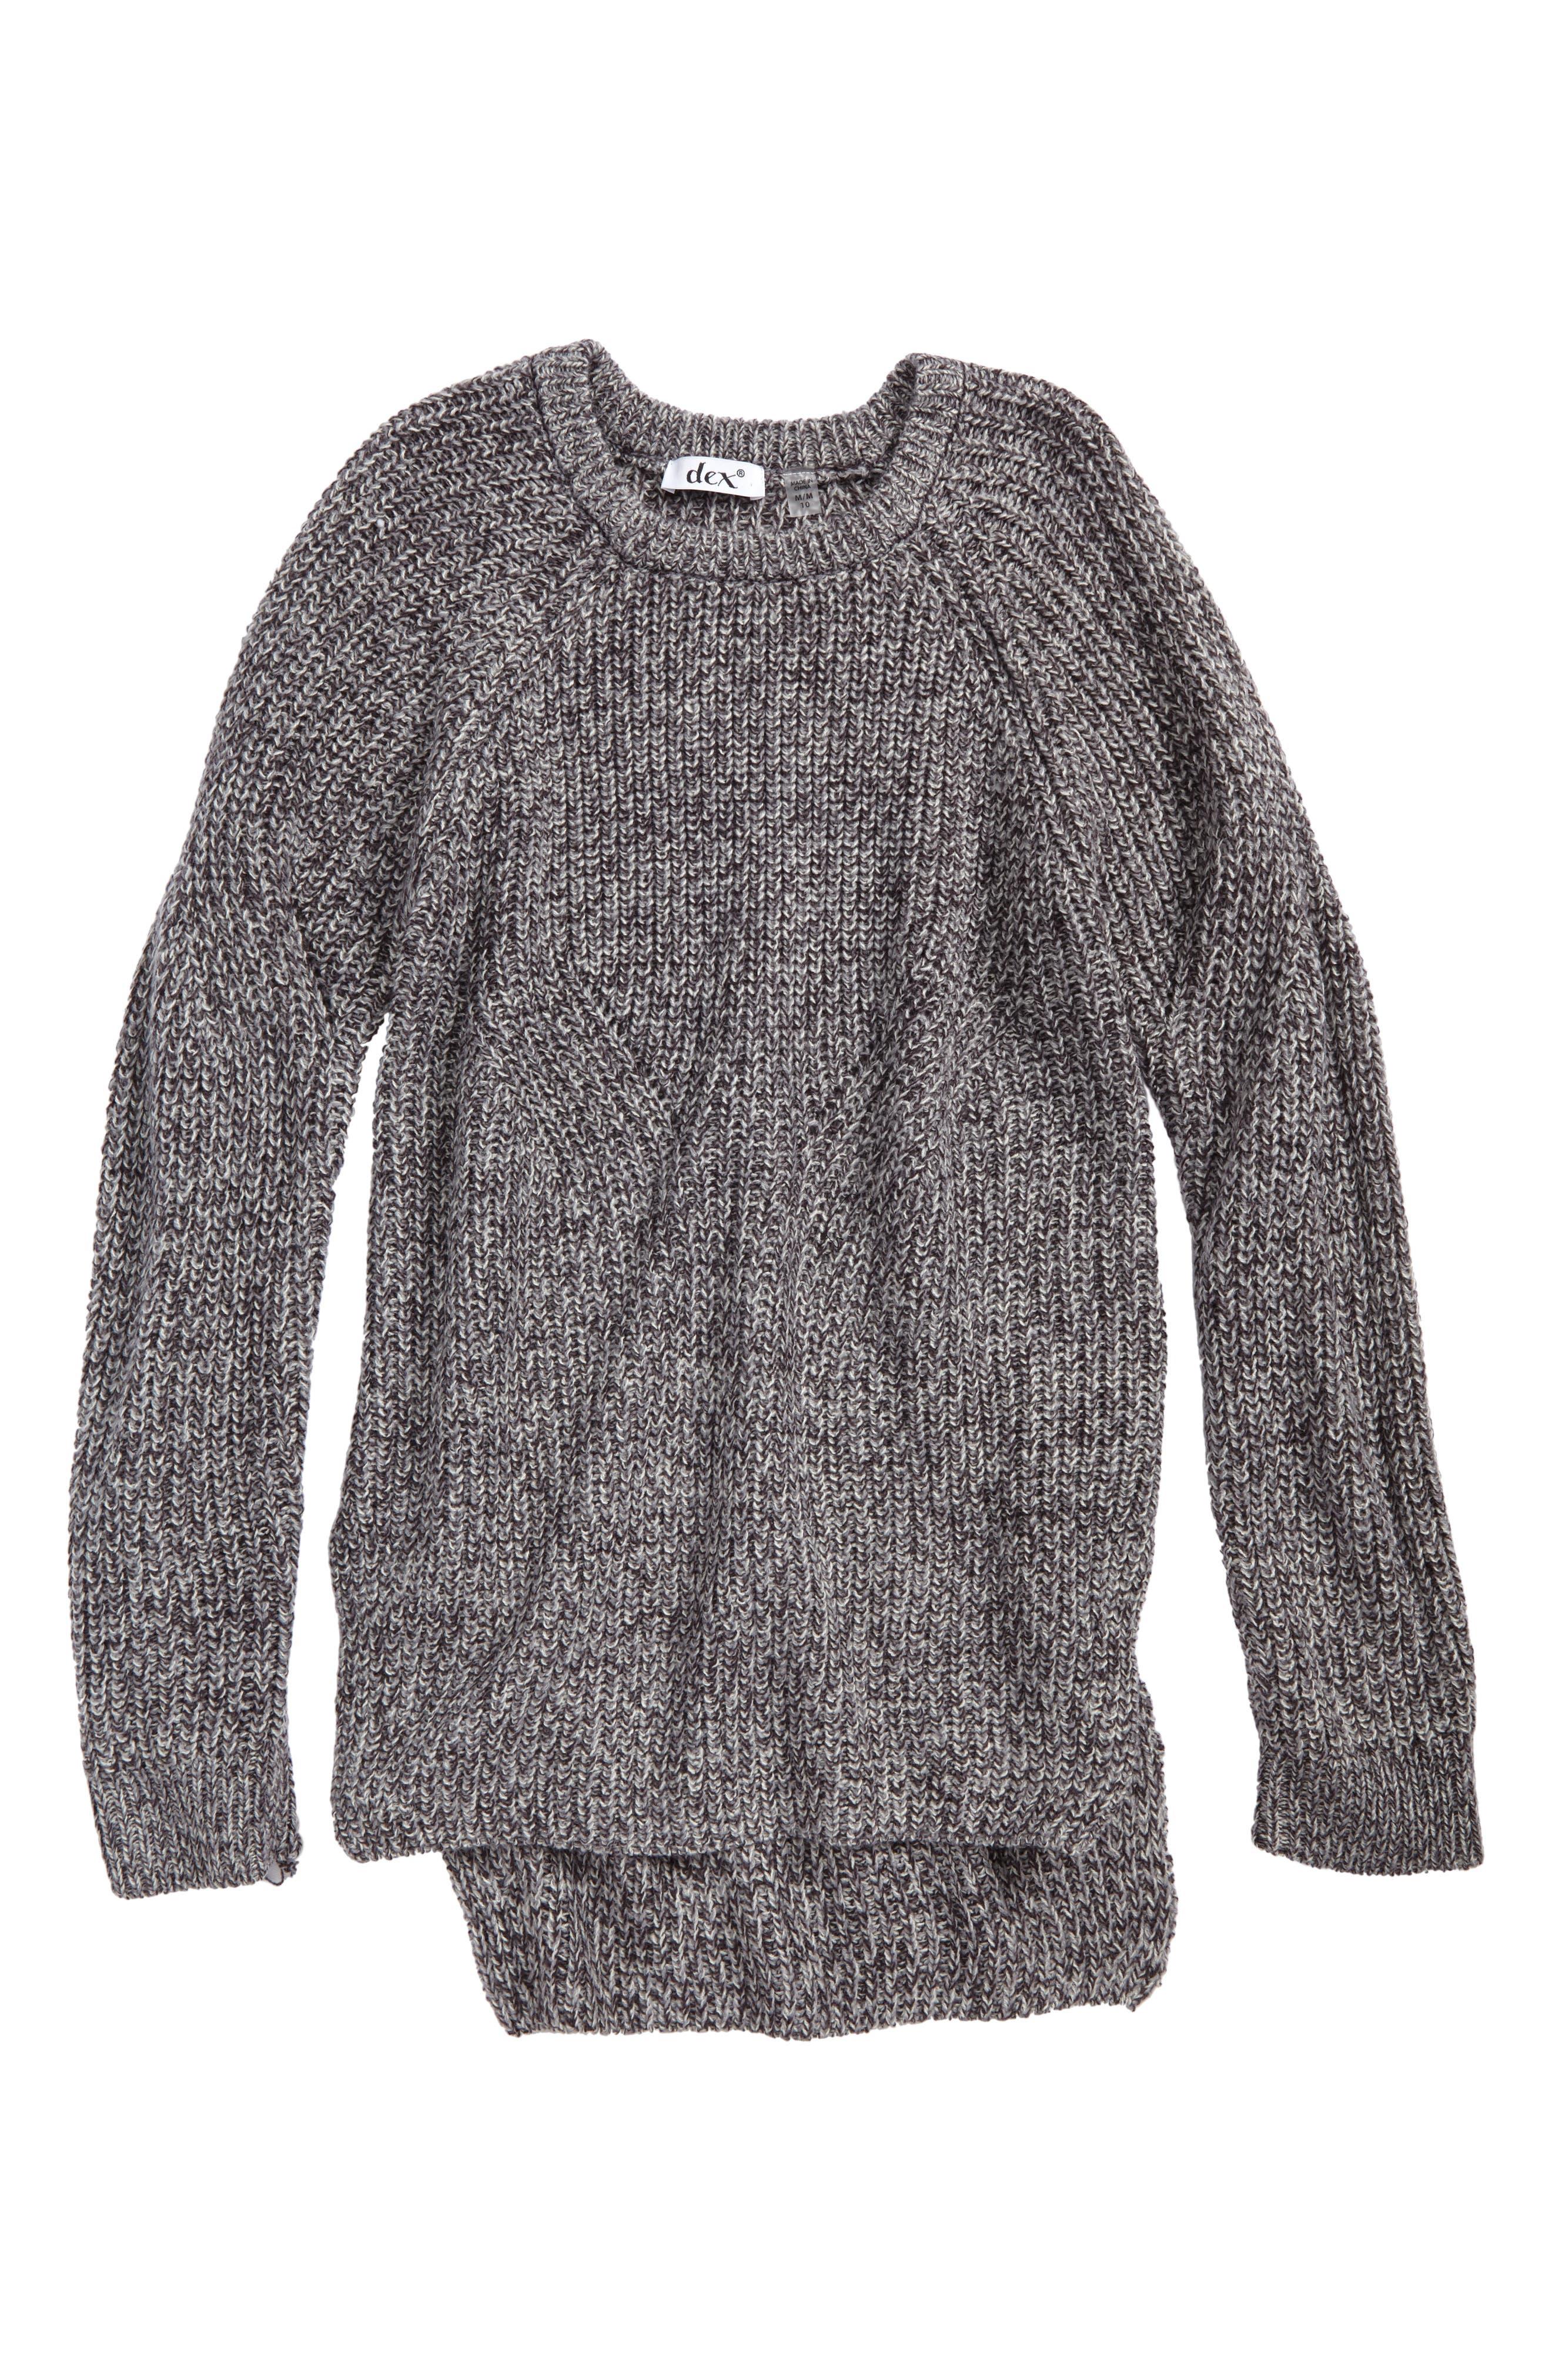 Rib Knit Sweater,                         Main,                         color, Grey Twist